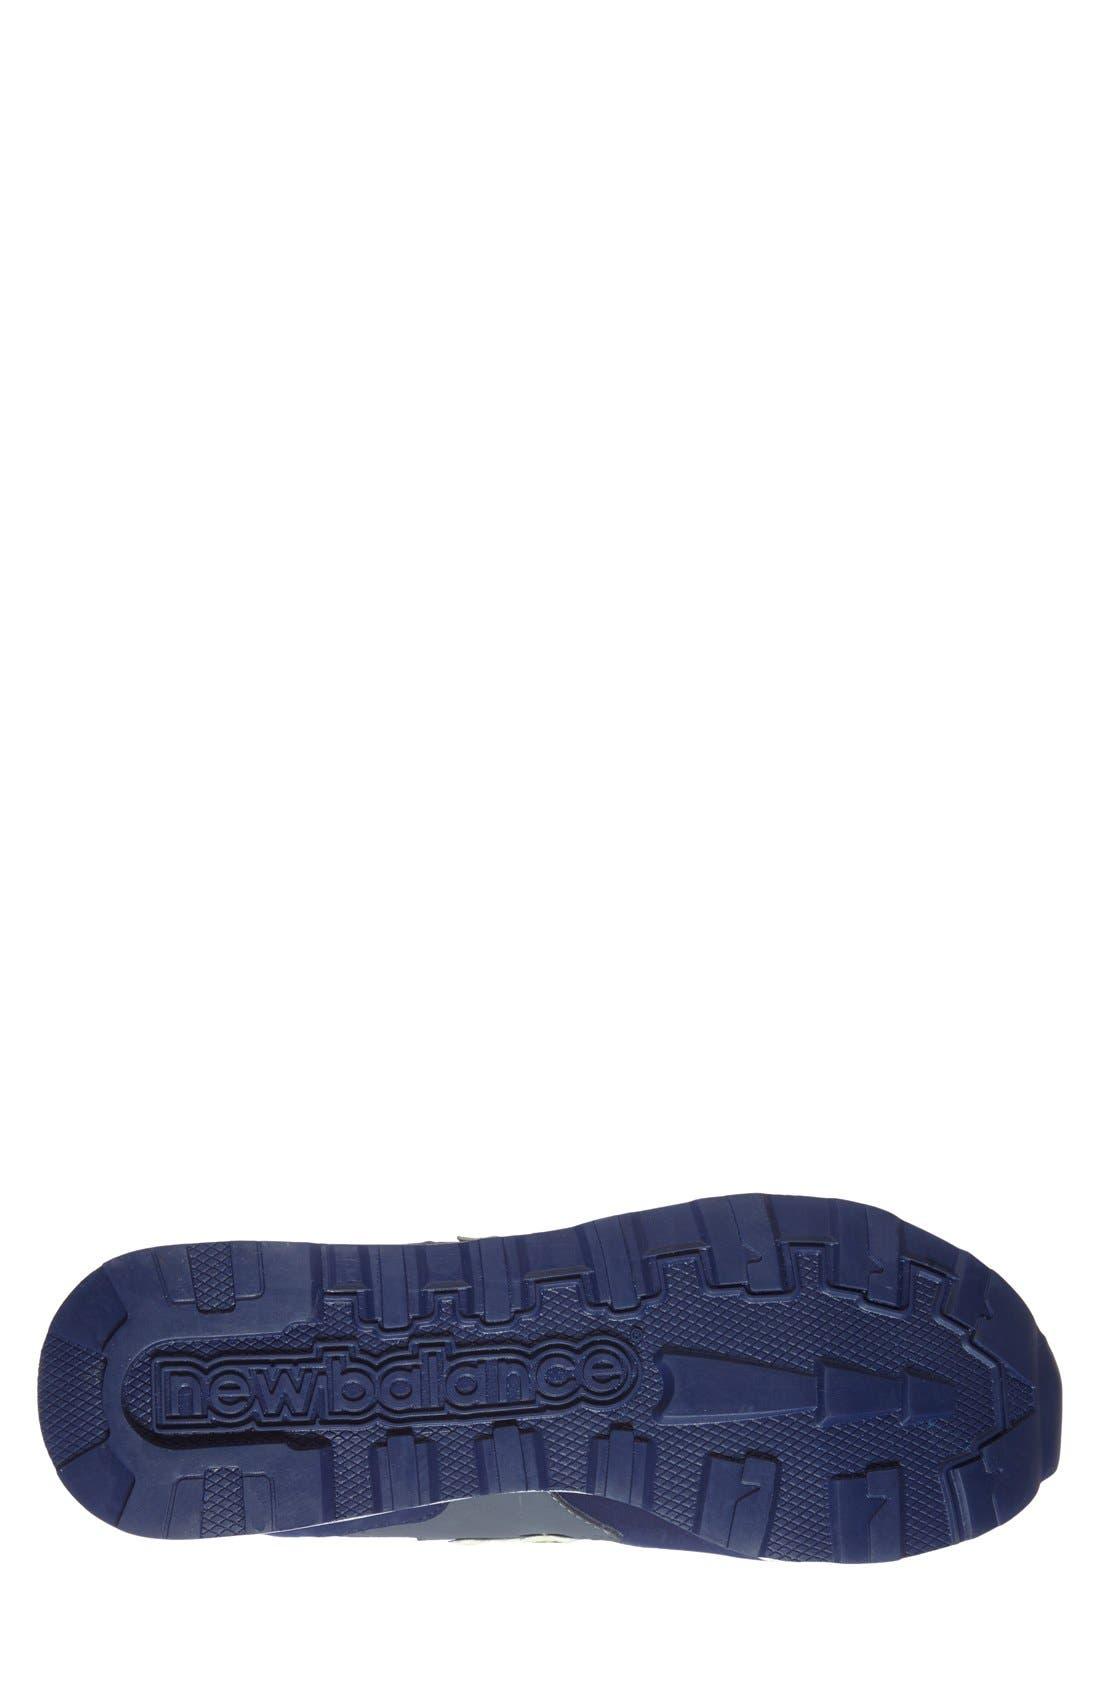 '878' Sneaker,                             Alternate thumbnail 3, color,                             033